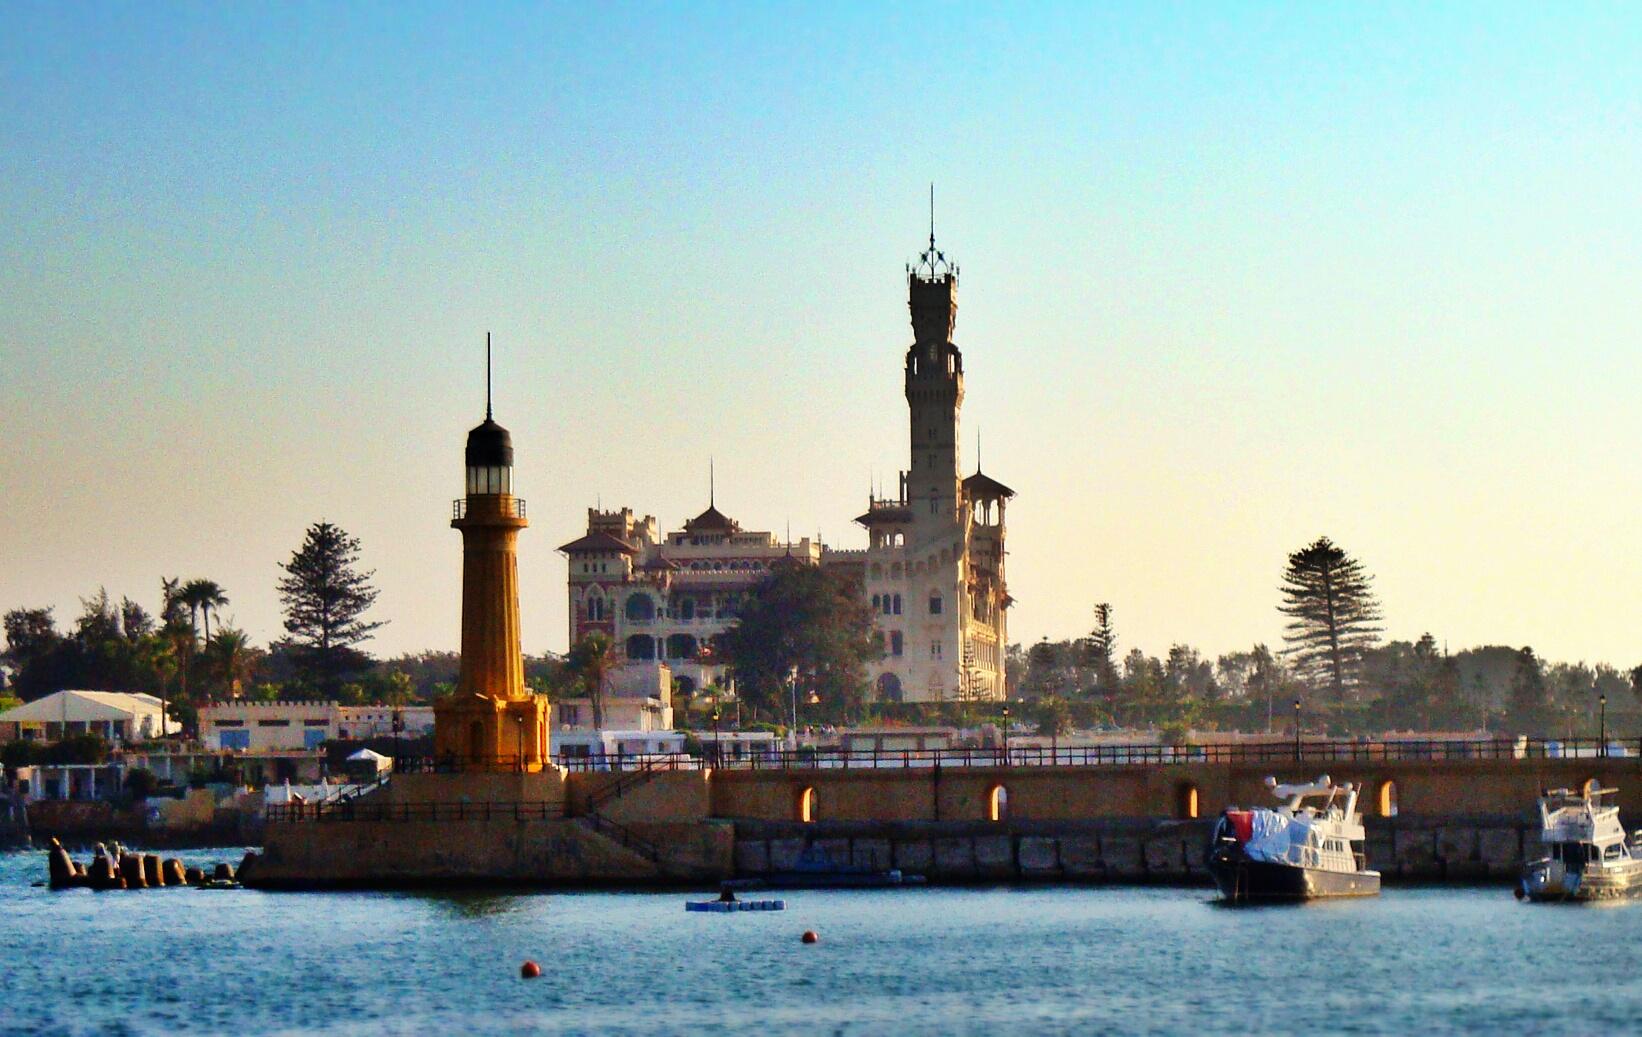 File:المندرة - الاسكندرية.jpg